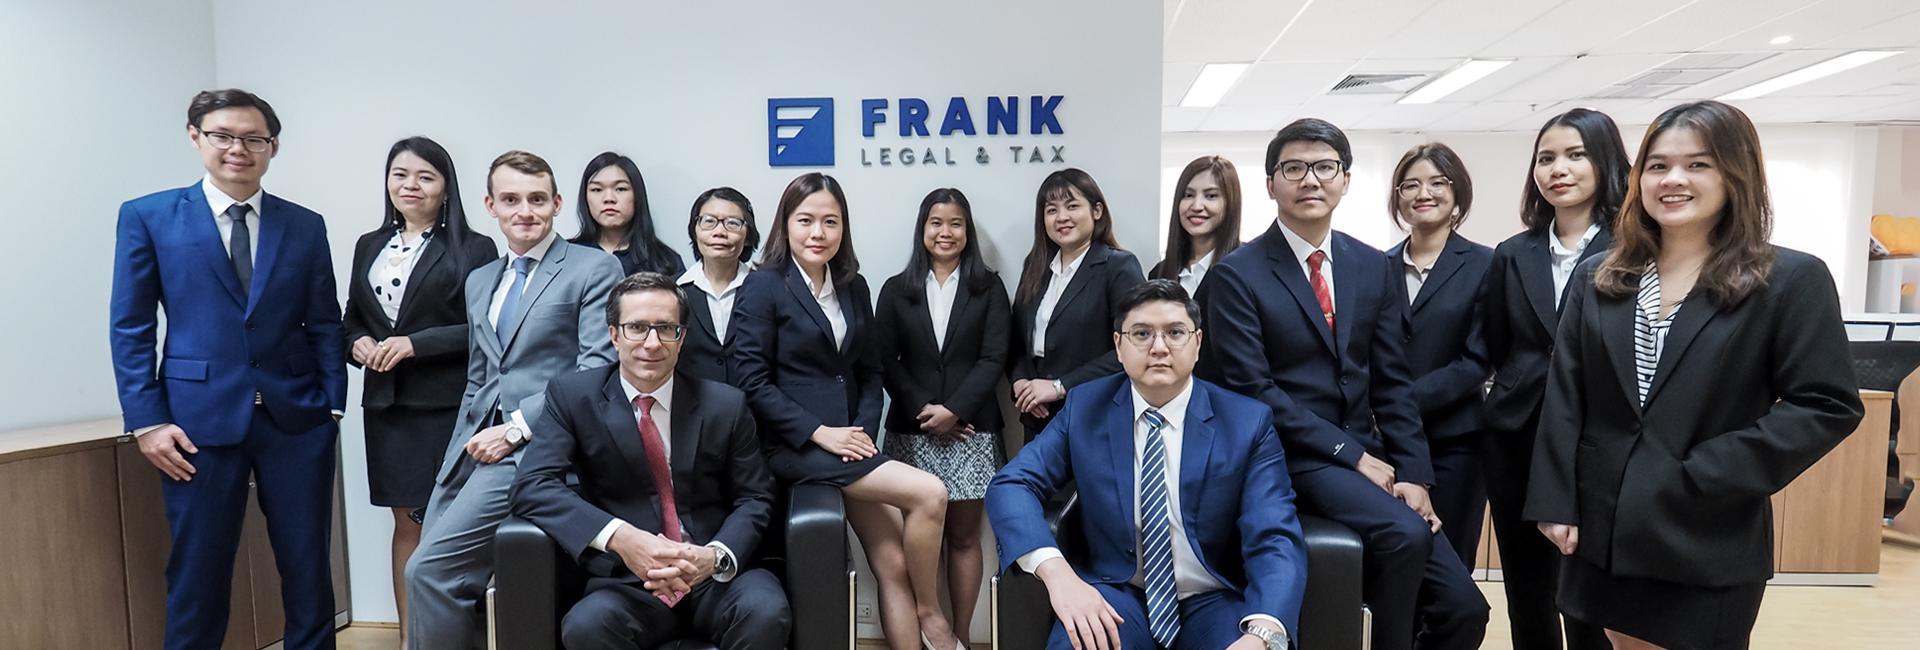 People - FRANK Legal & Tax